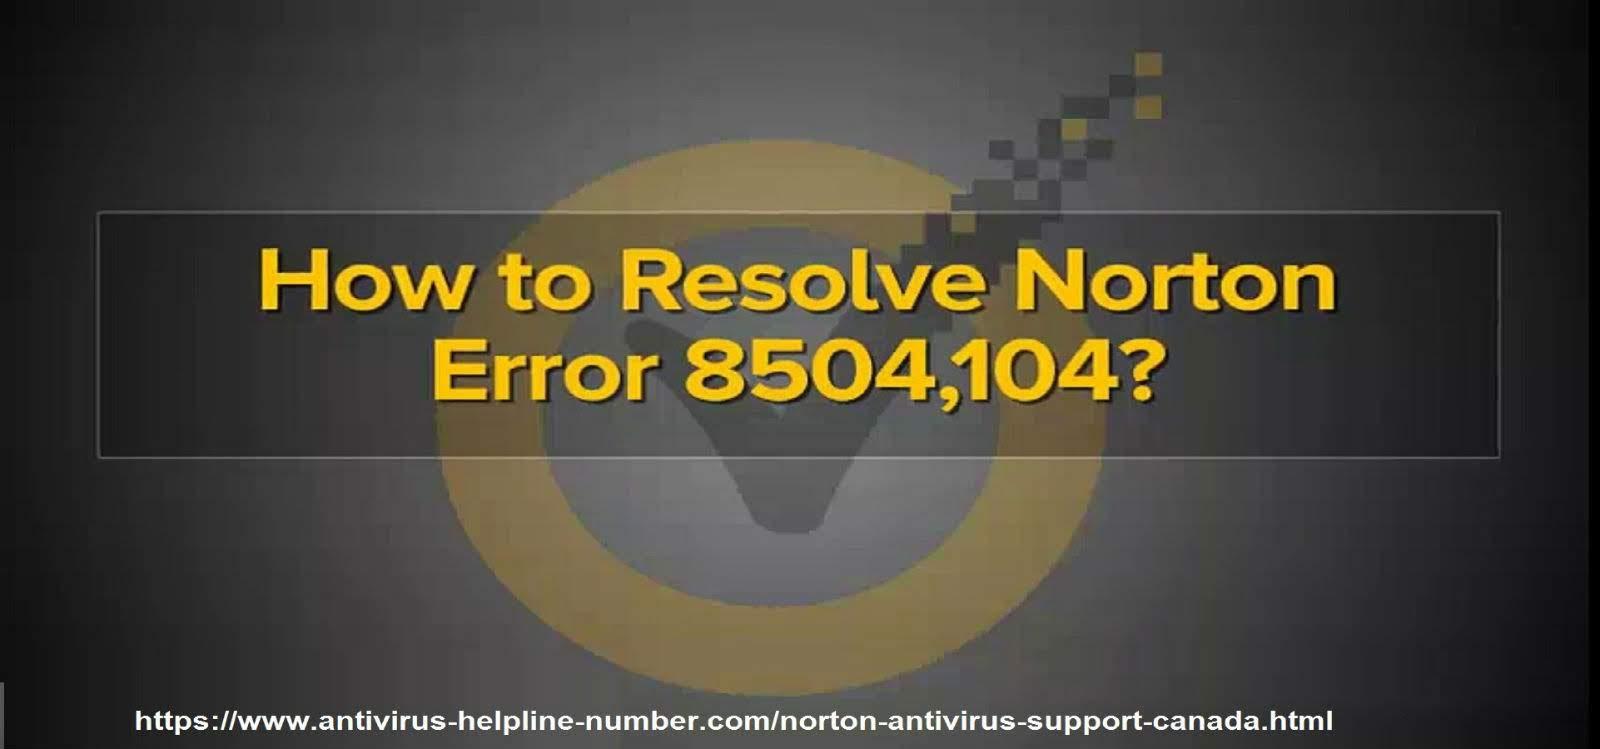 Norton Security Error Issue